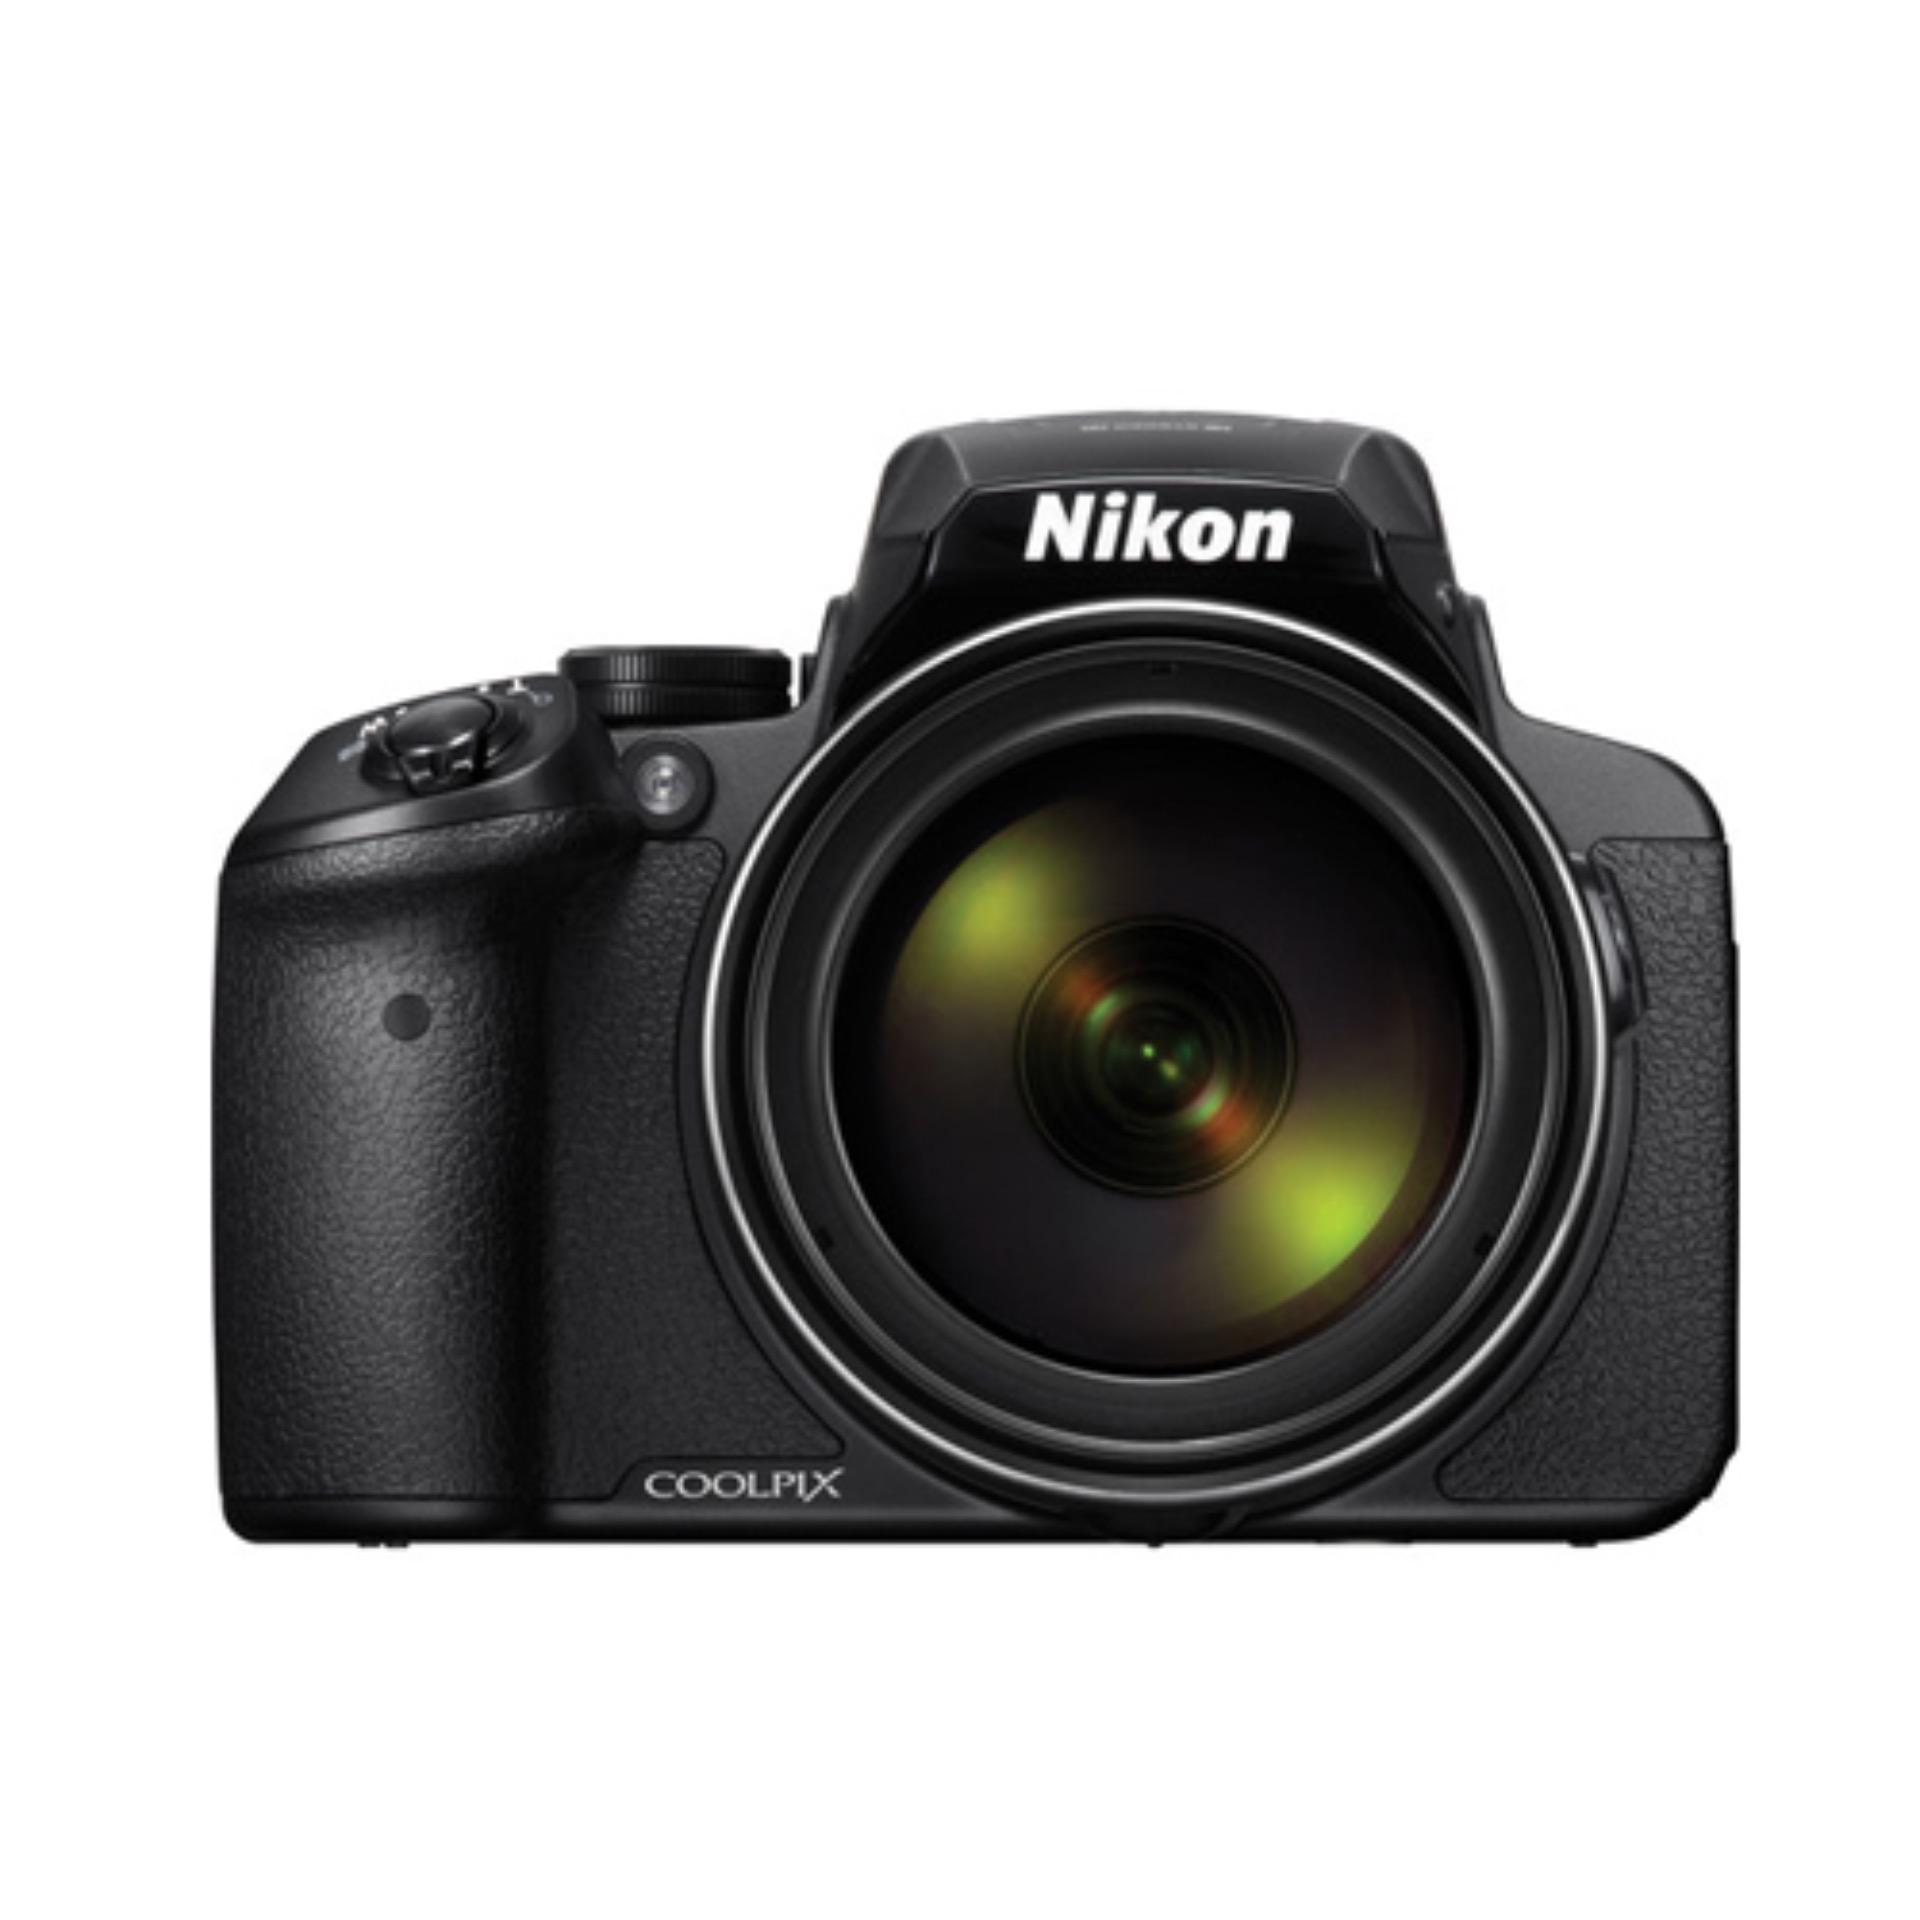 Nikon COOLPIX P900 Đang Bán Tại HN Tech